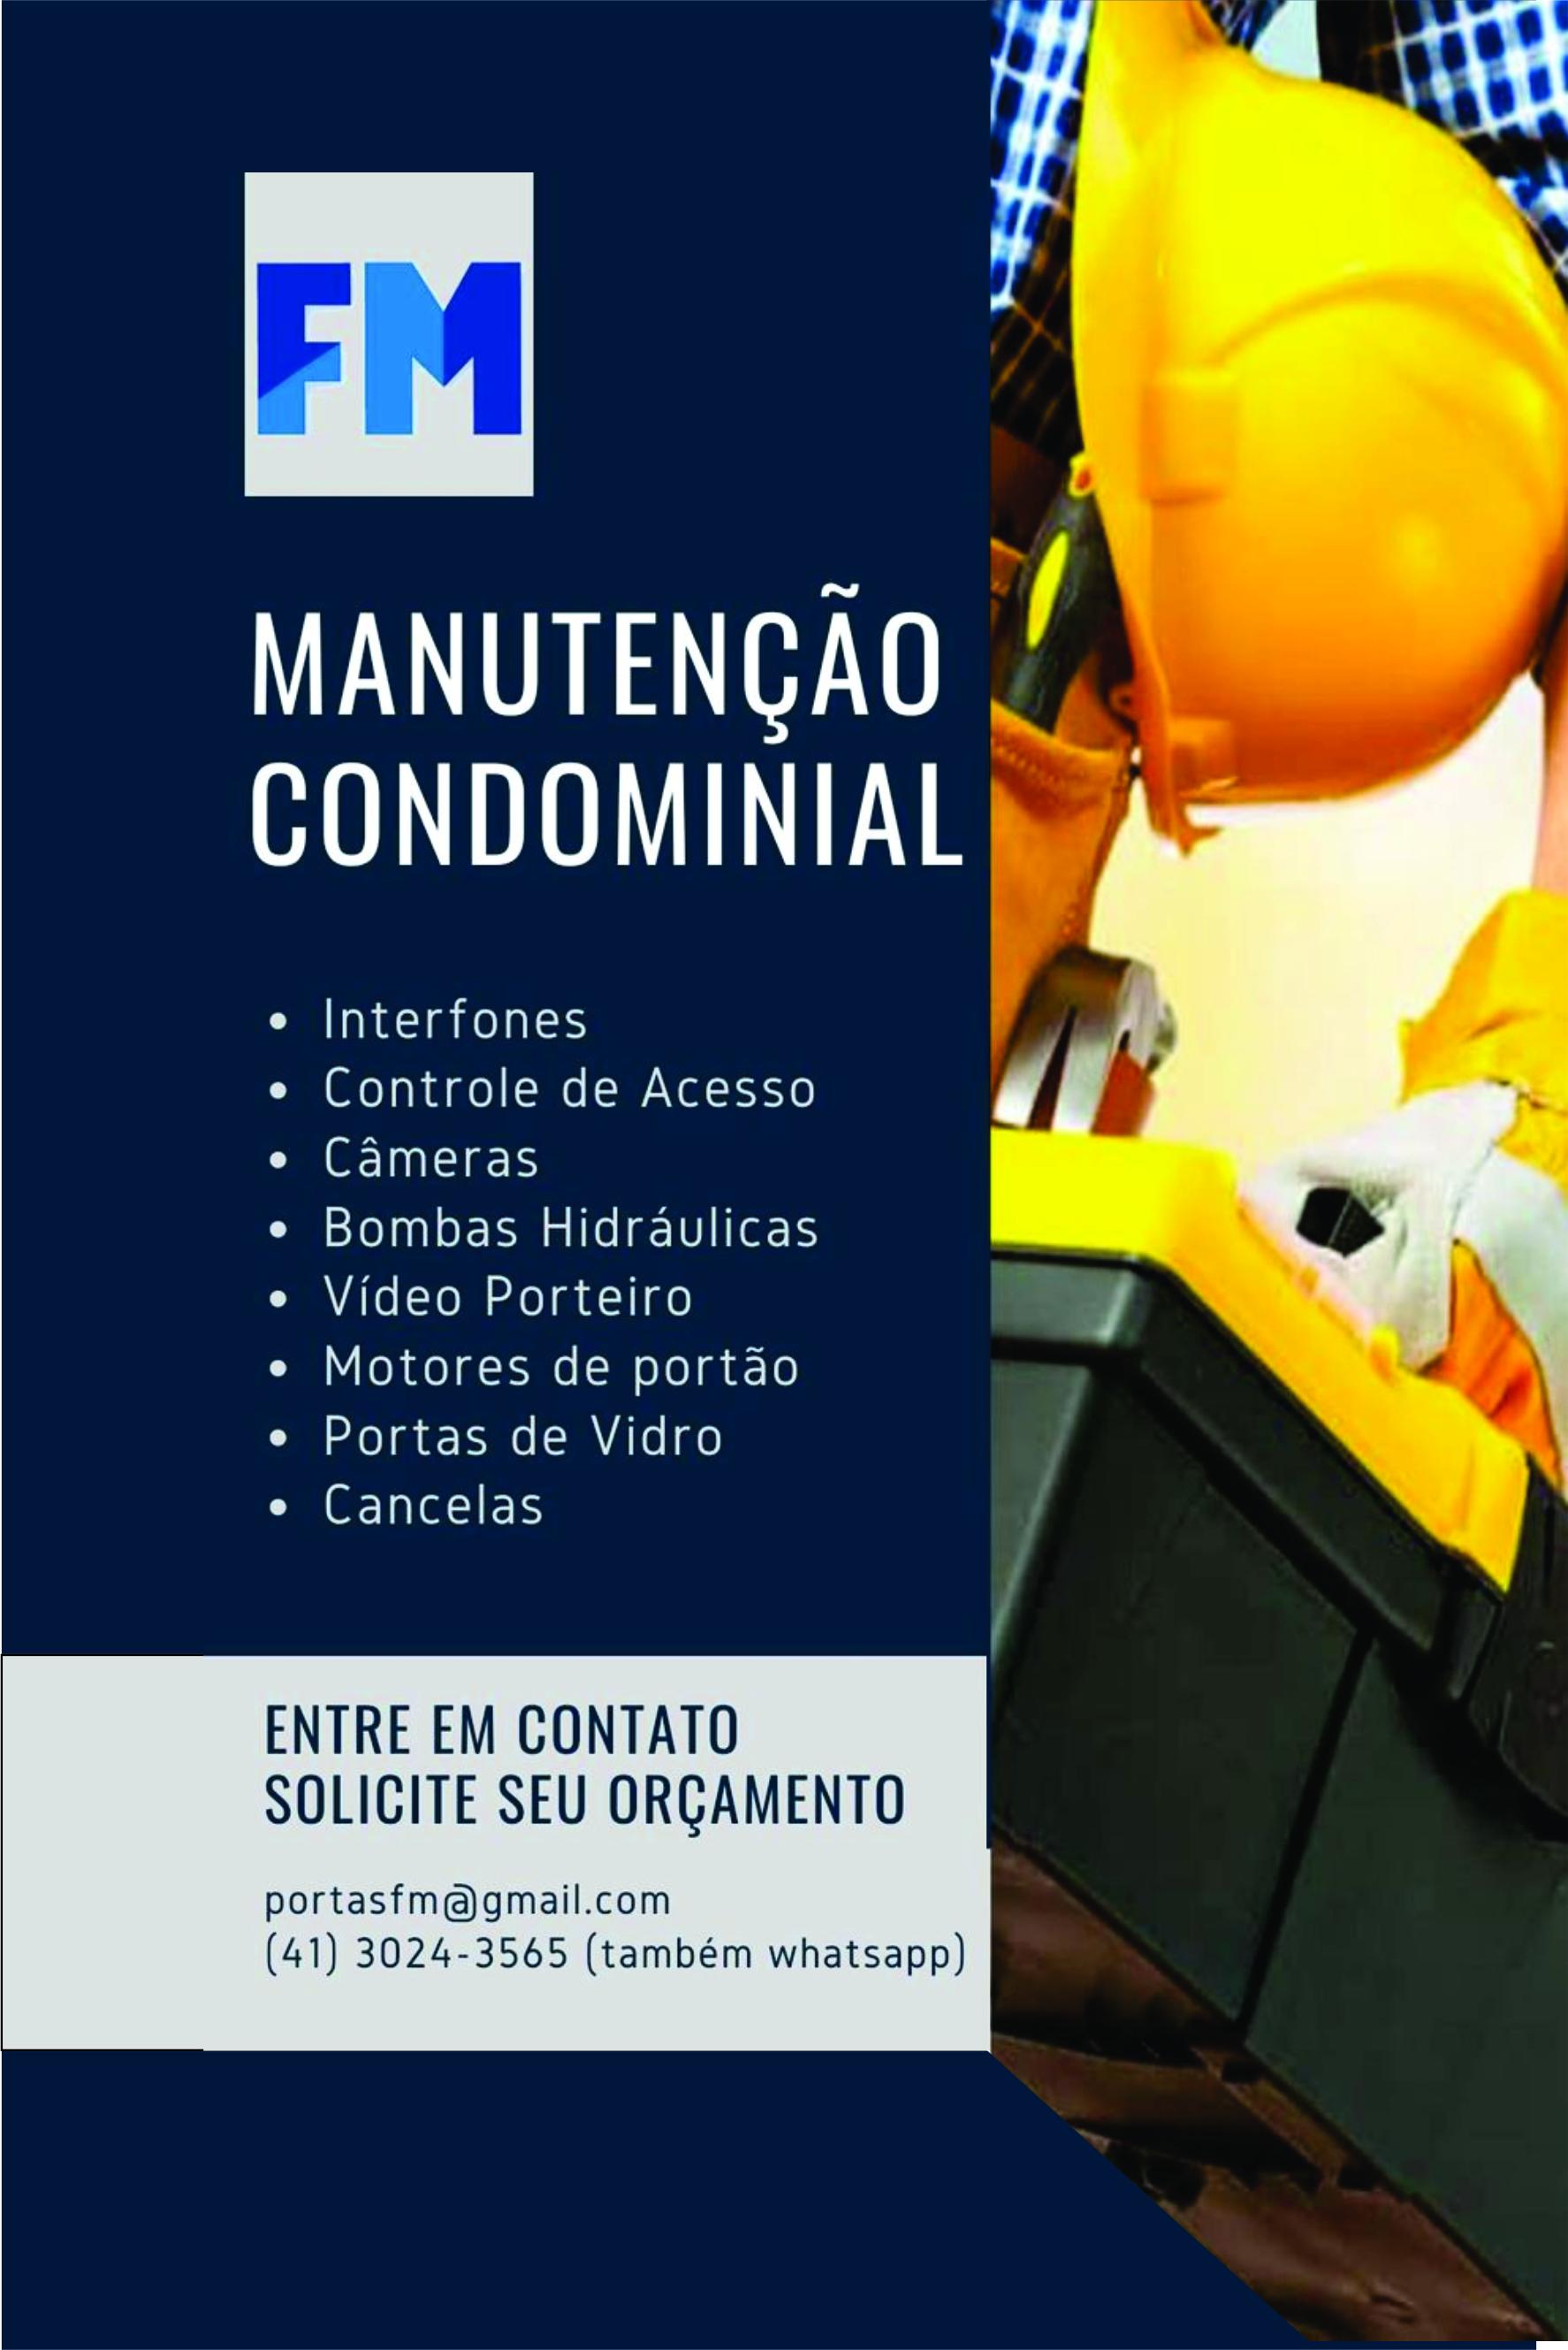 FM Manutenção Condominial      RUA IZABEL A REDENTORA, 1984, SÃO JOSÉ DOS PINHAIS - PR  Fones: (41) 3024-3565